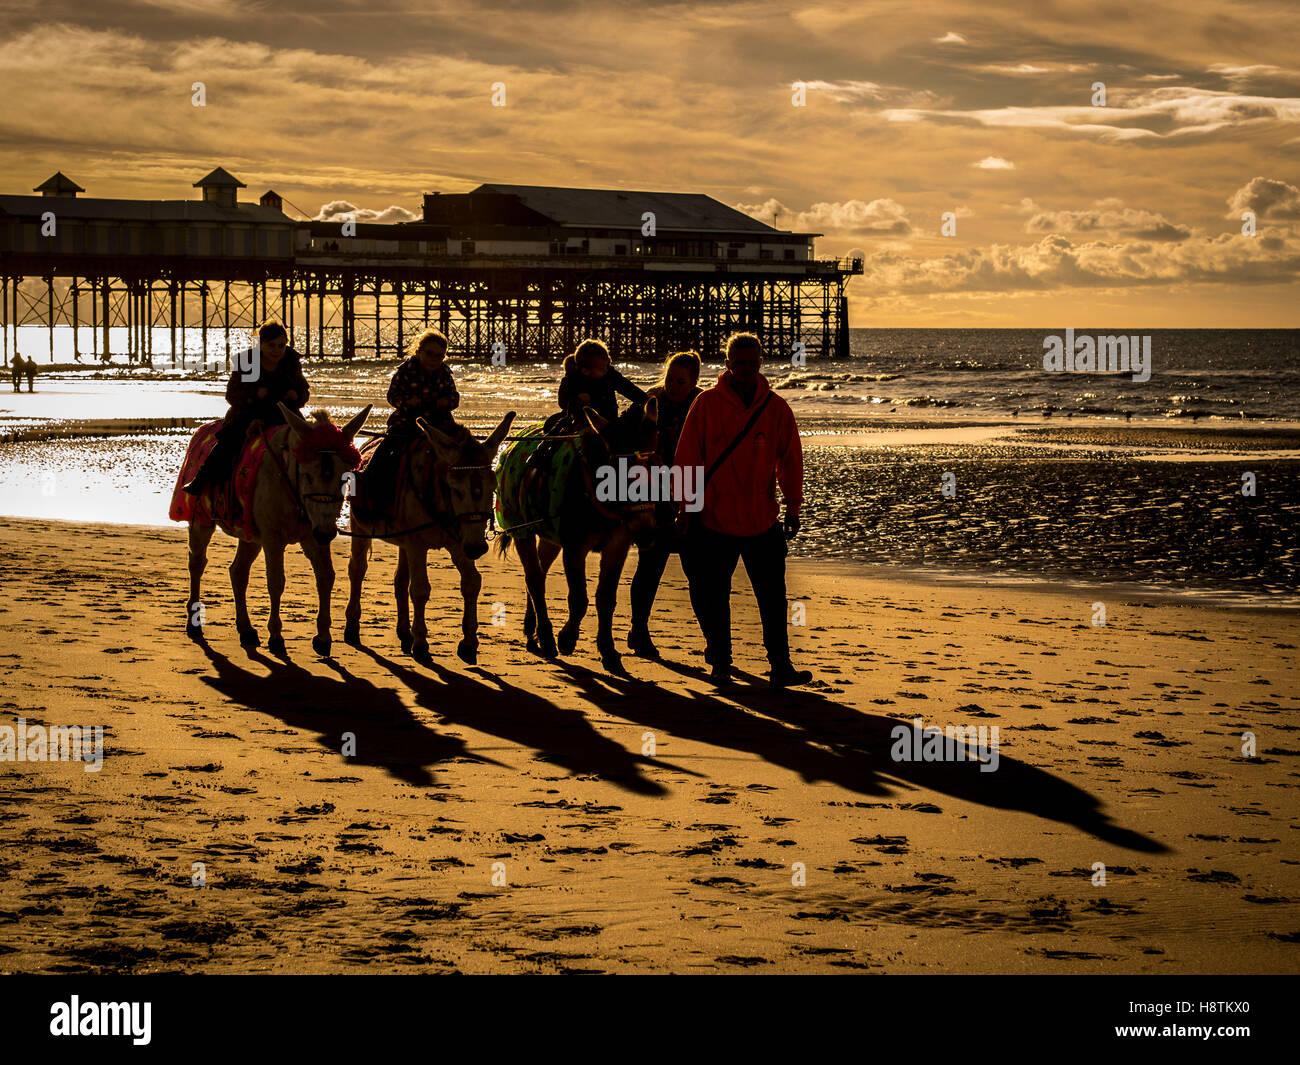 Donkeys on beach, Blackpool, Lancashire, UK. - Stock Image